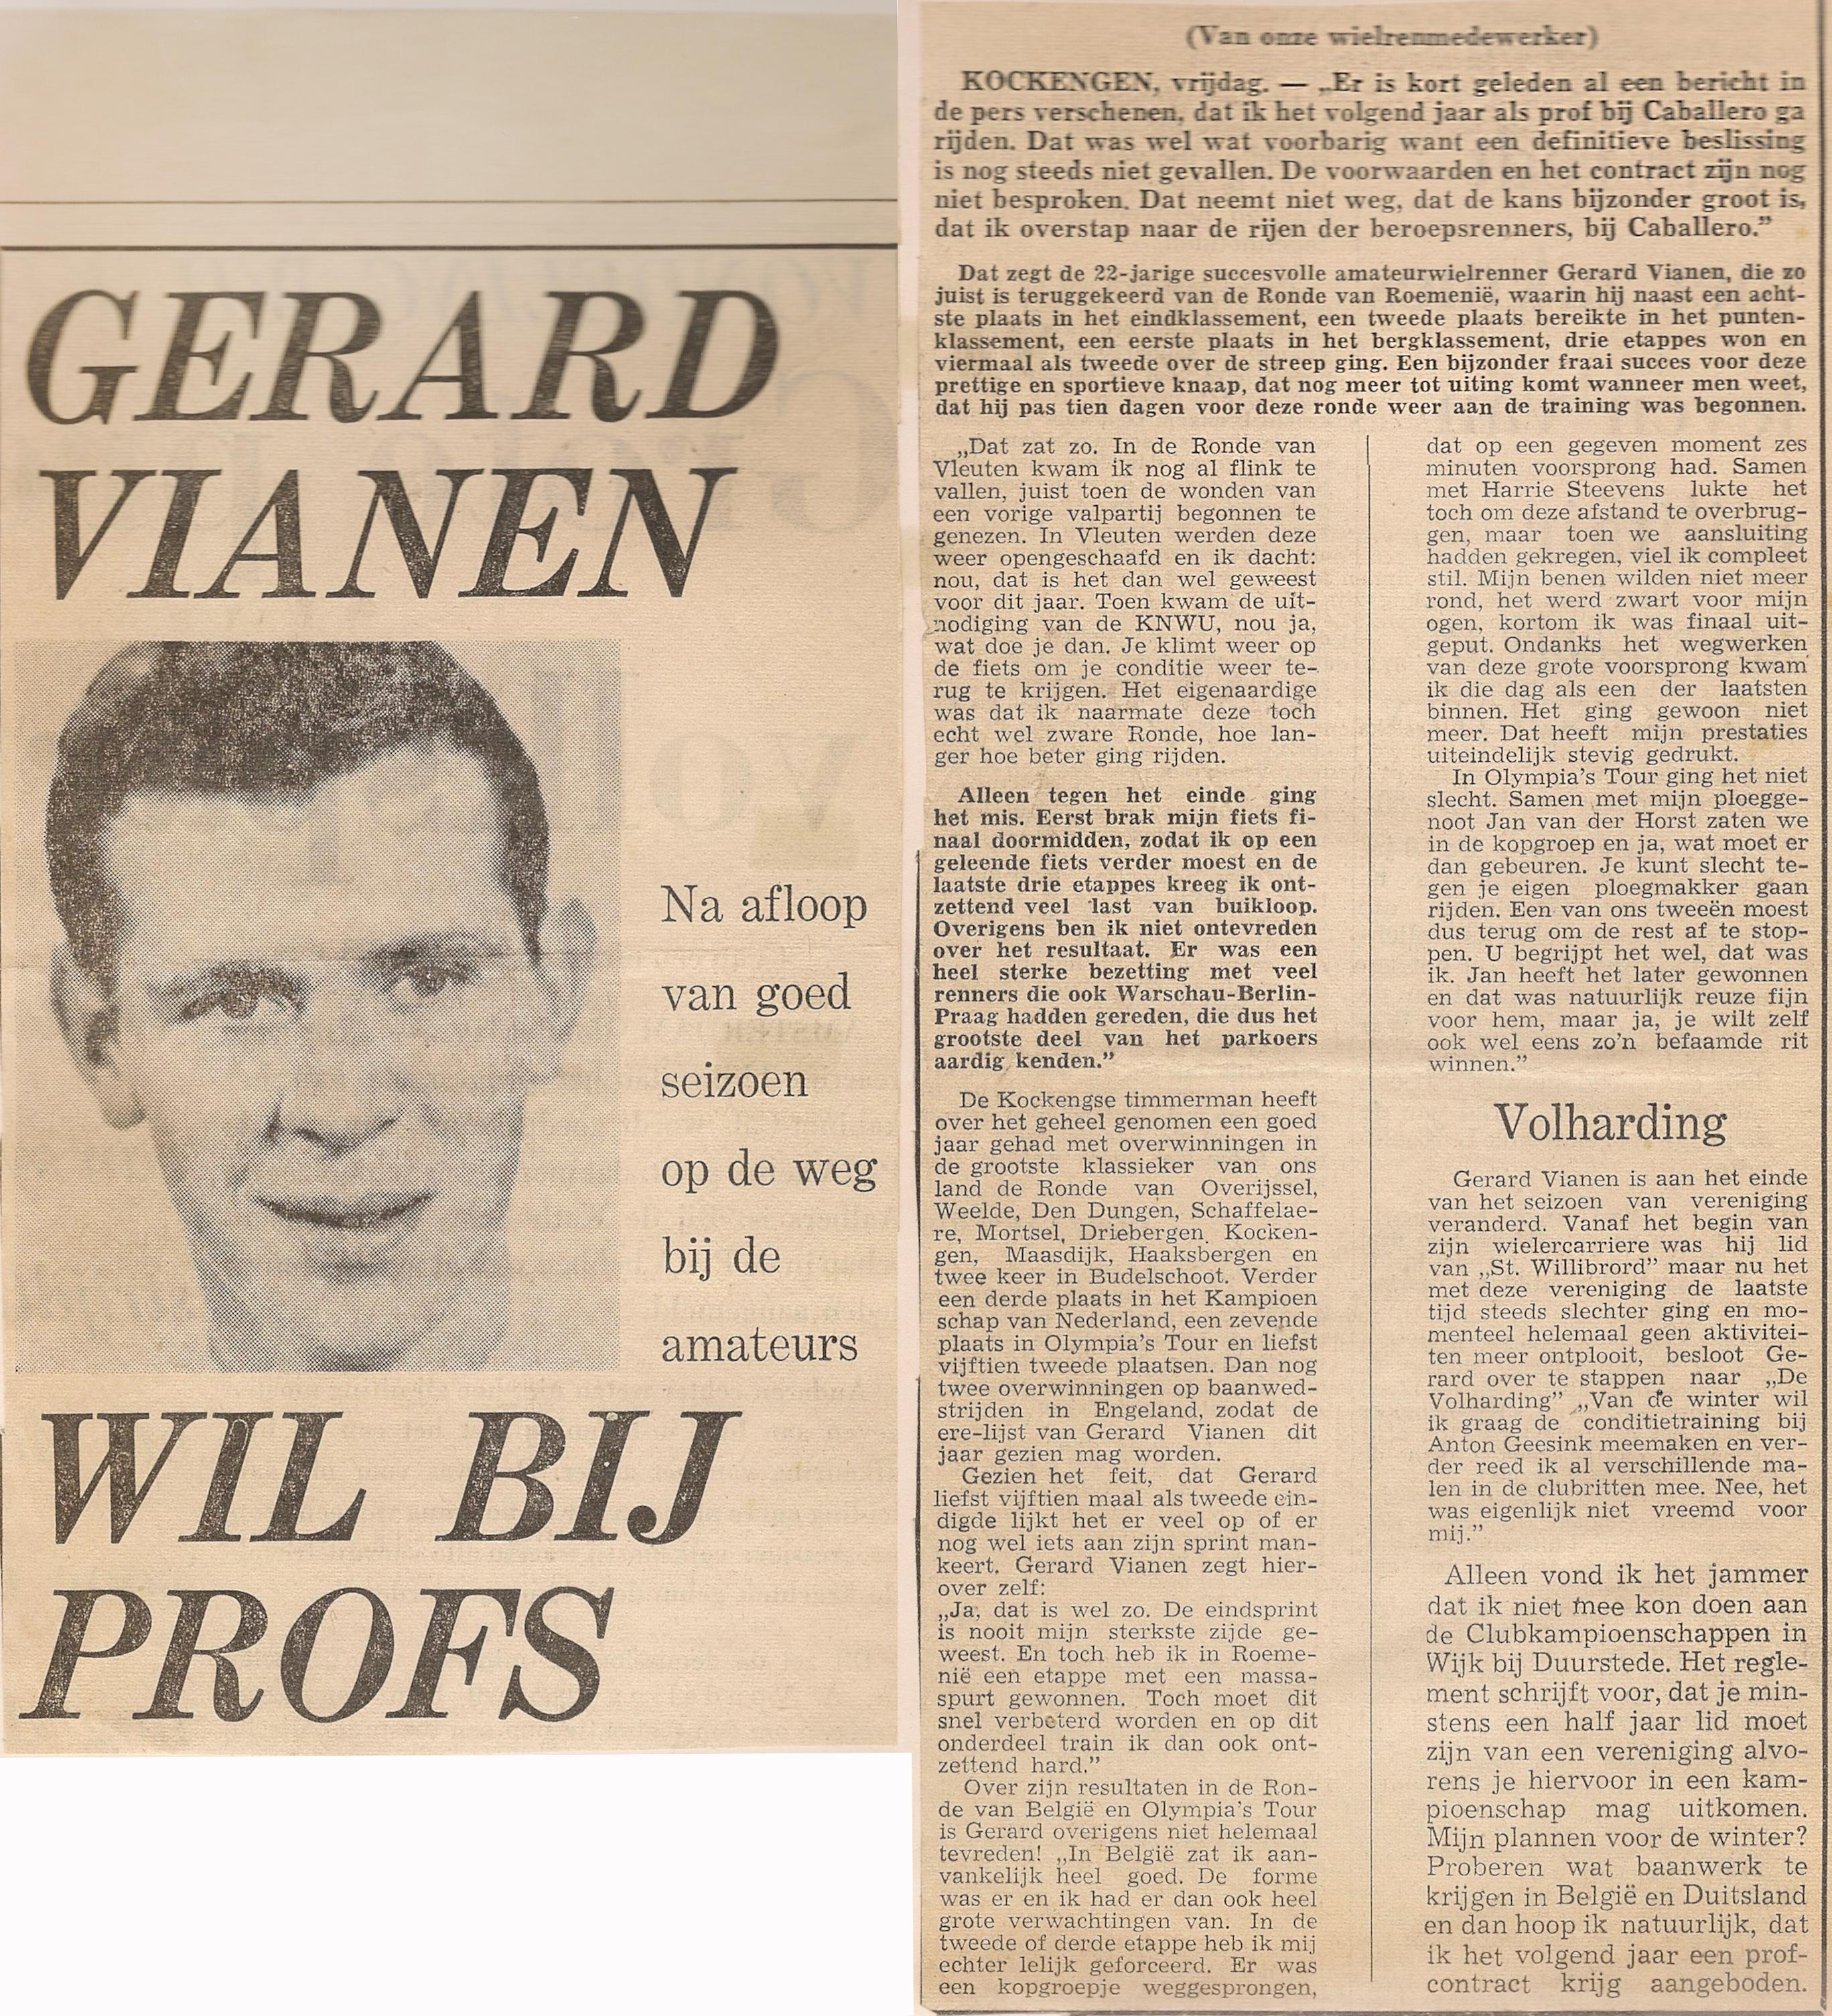 GV_ Gerard Vianen wil bij Profs